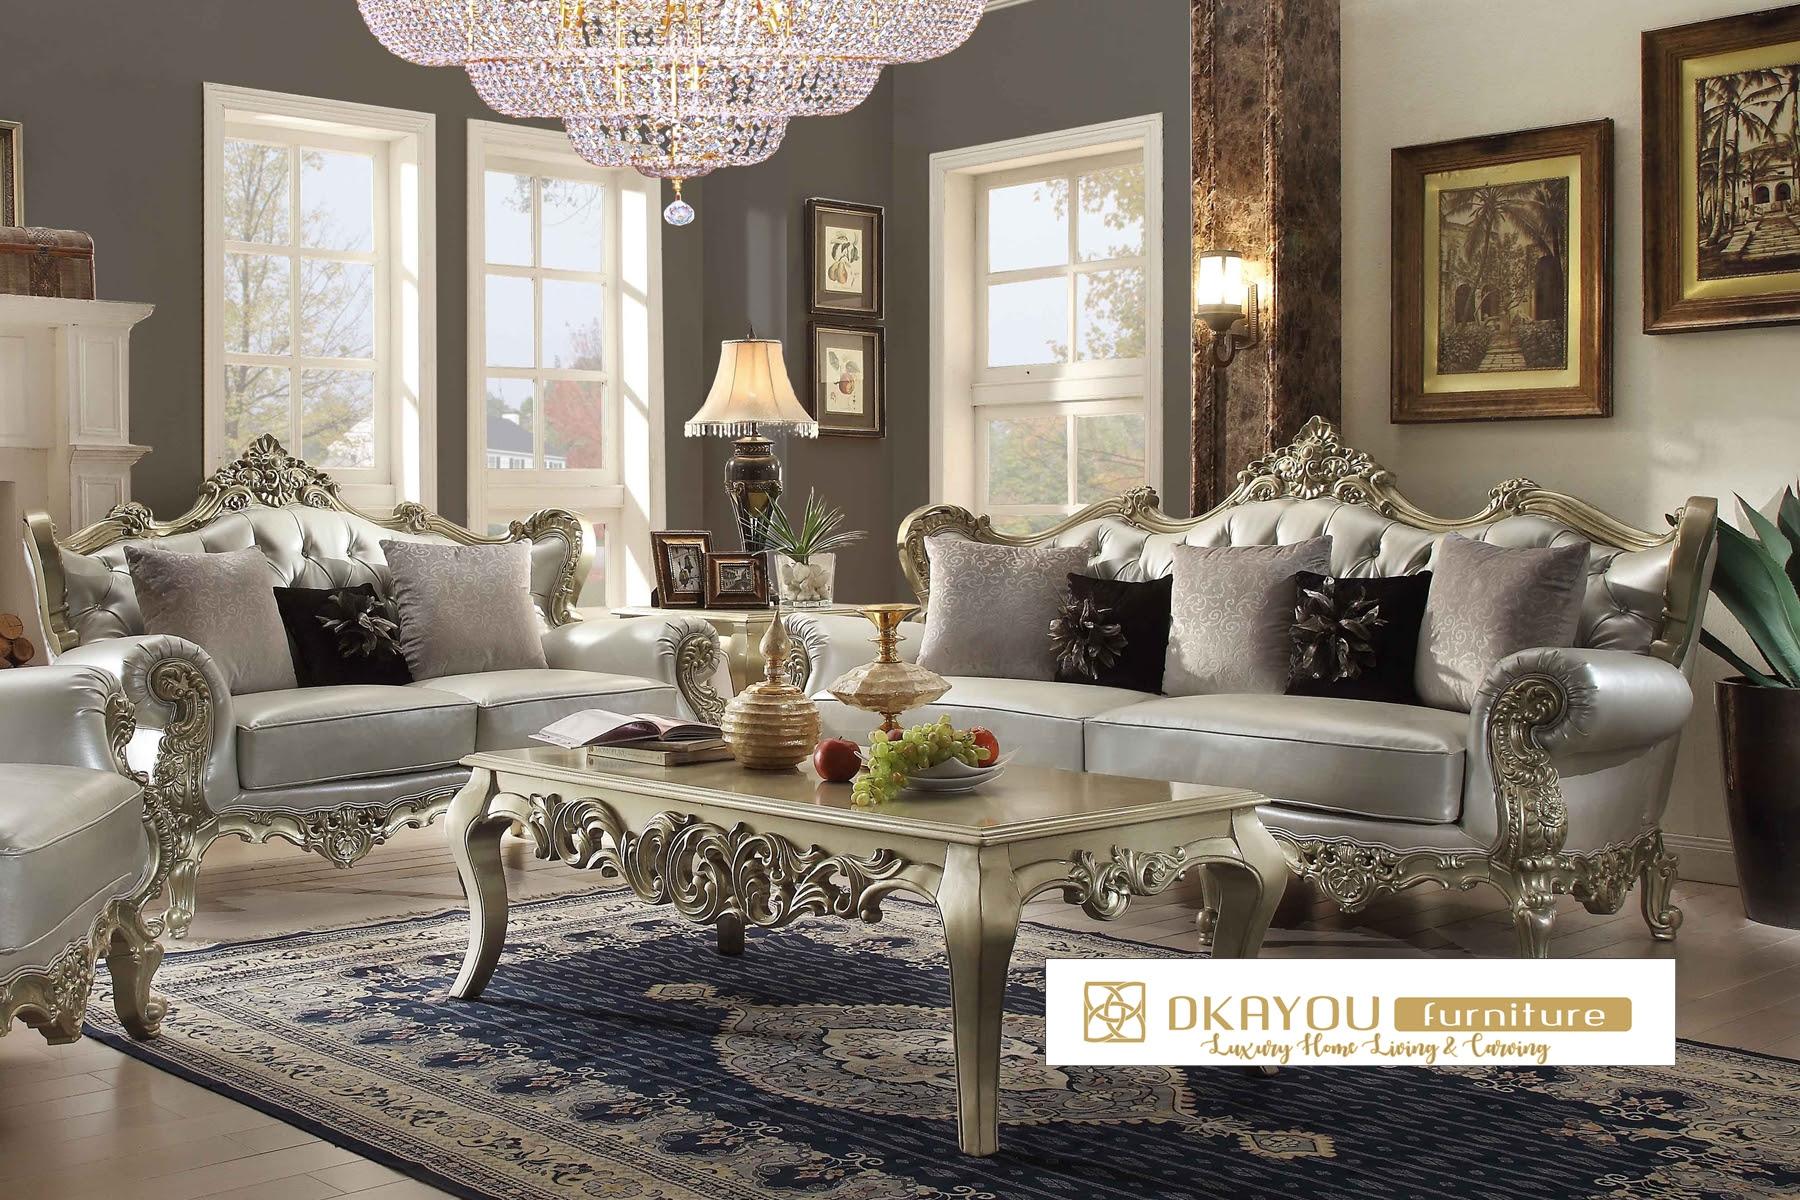 Set Kursi Sofa Ruang Tamu Model Klasik Mewah Terbaru Dkayou